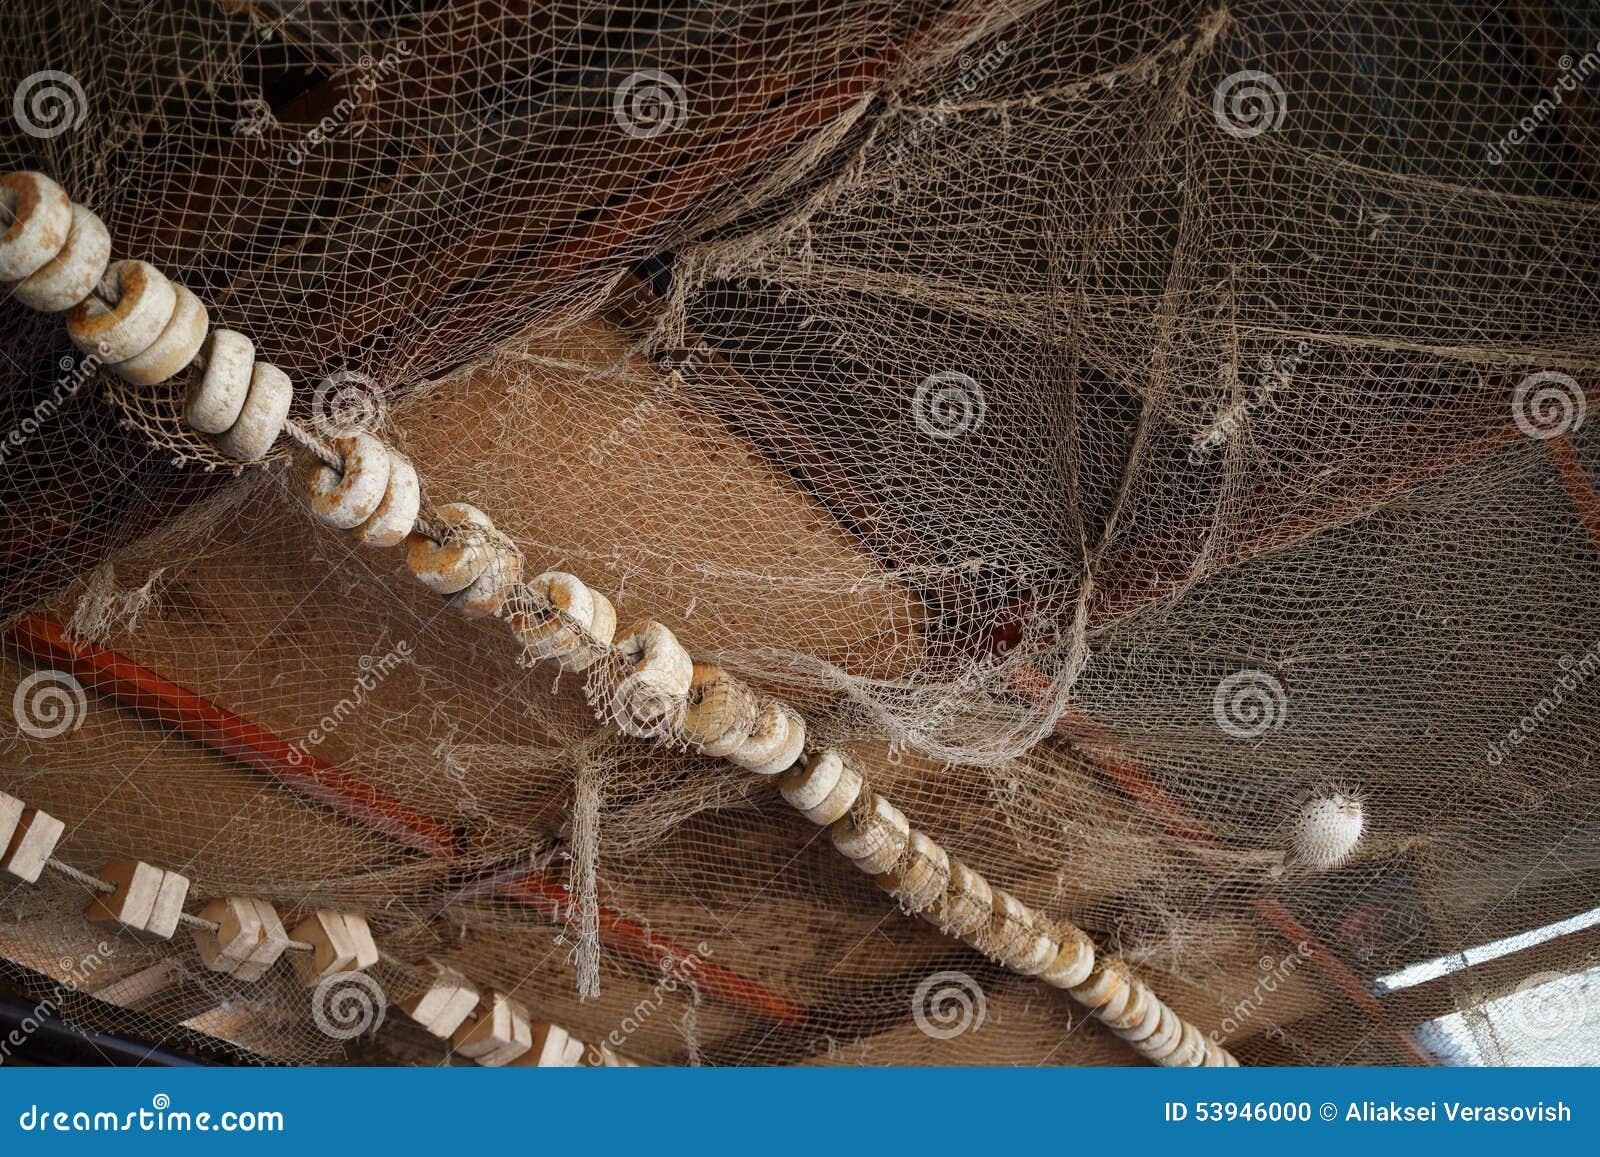 Vecchia rete da pesca fotografia stock immagine di nodo - Rete da pesca per decorazioni ...